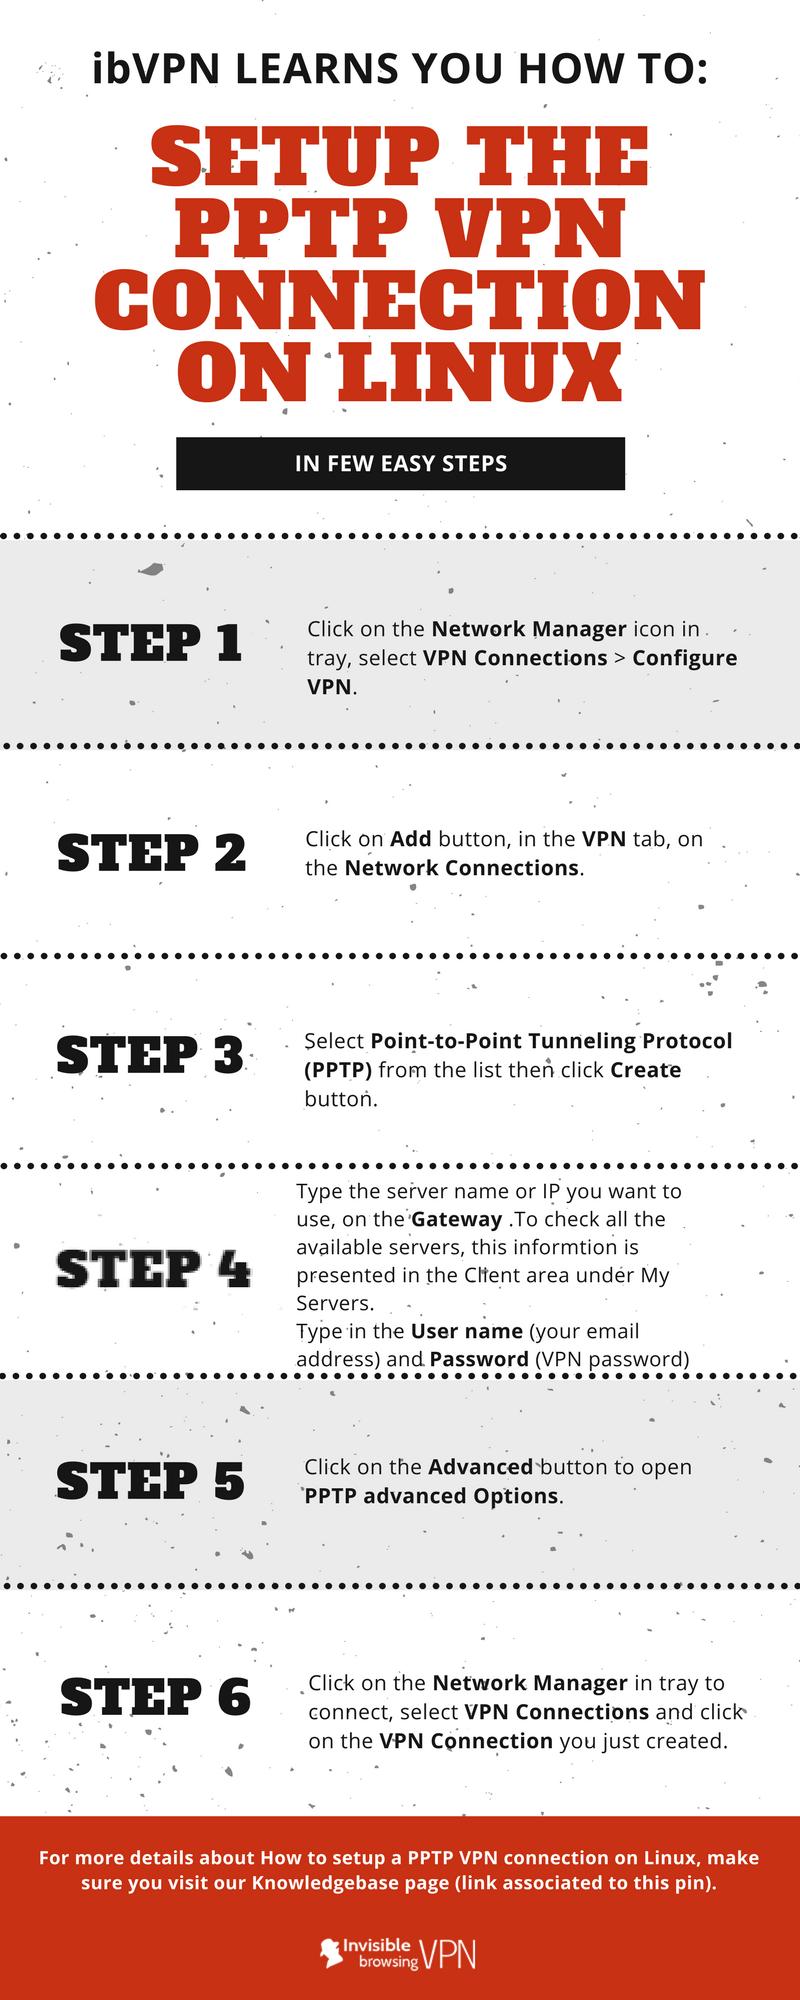 d73f2b137349dd92a537cf48ebb1ddd7 - How To Setup Vpn Connection On Ipad